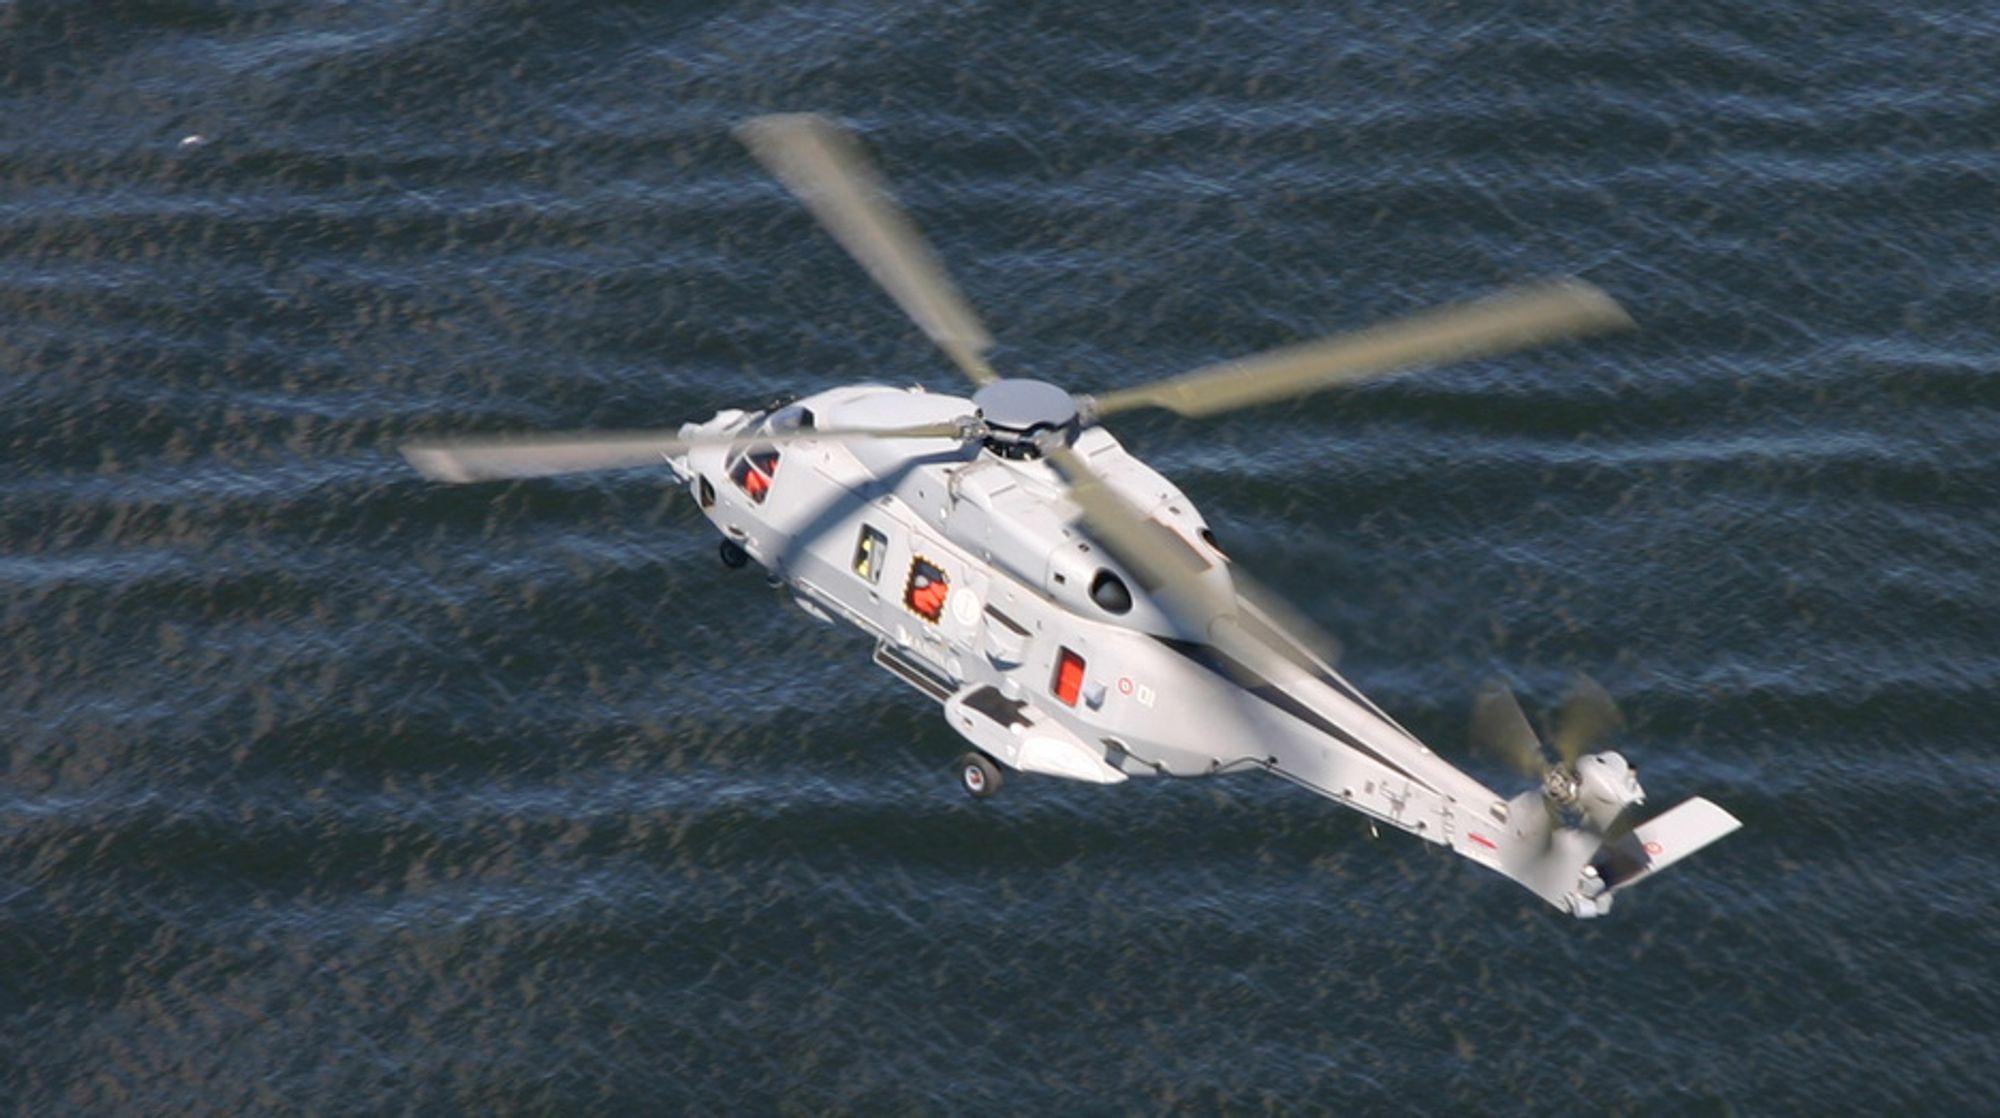 NH90 er helikopteret tilpasset de nye spanskbygde fregattene. Det er utstyrt med ny sensorteknologi og er historiens første fly-by-wire (datakontrollert styring) helikopter. Dette ble forkastet som nytt redningshelikopter.